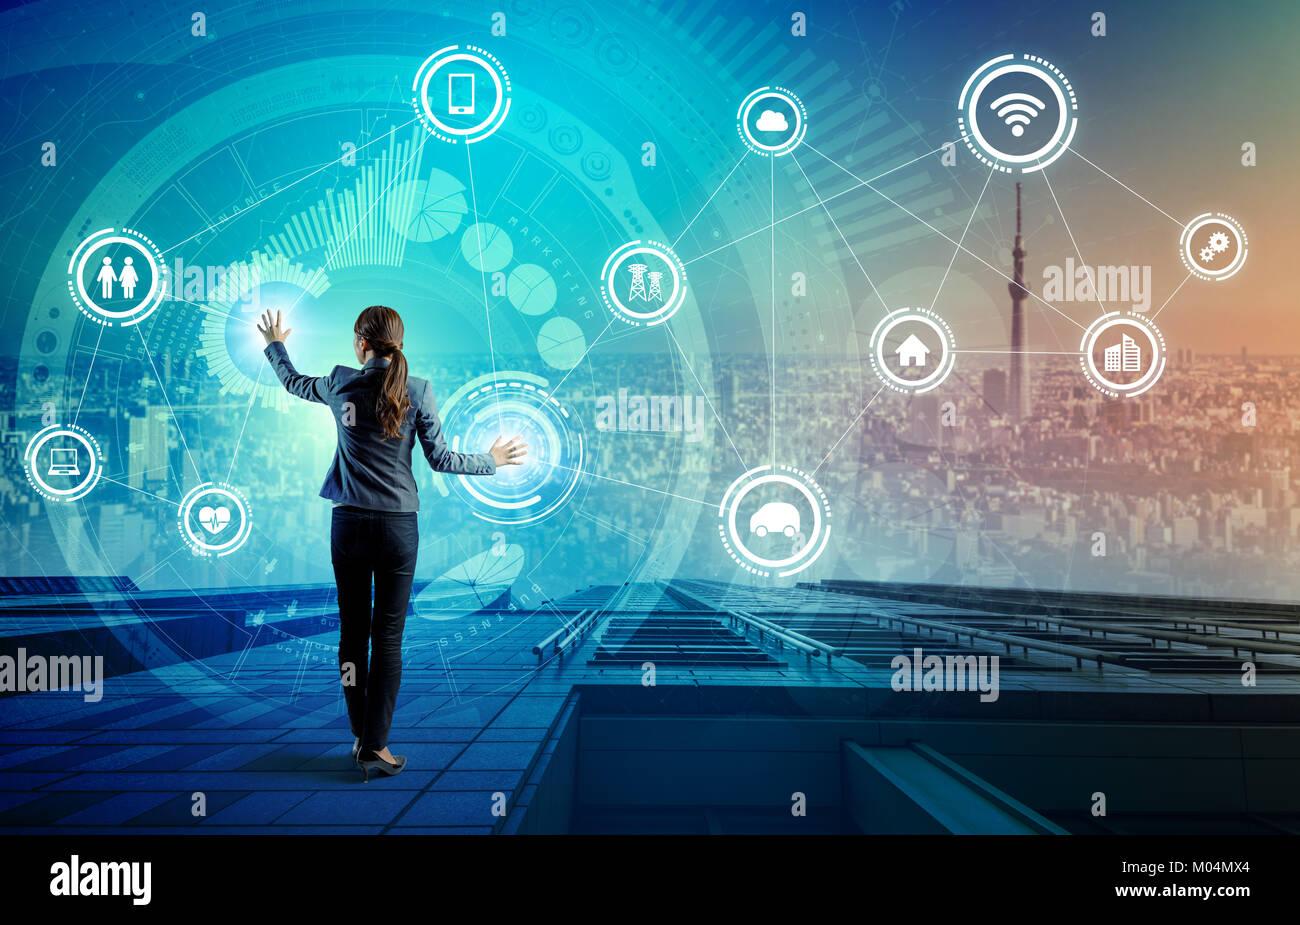 IoT(Internet delle cose) concetto. Fintech(Financial Technology). Le TIC(La tecnologia dell informazione e della comunicazione). Smart City. Trasporto digitale. misti m Foto Stock